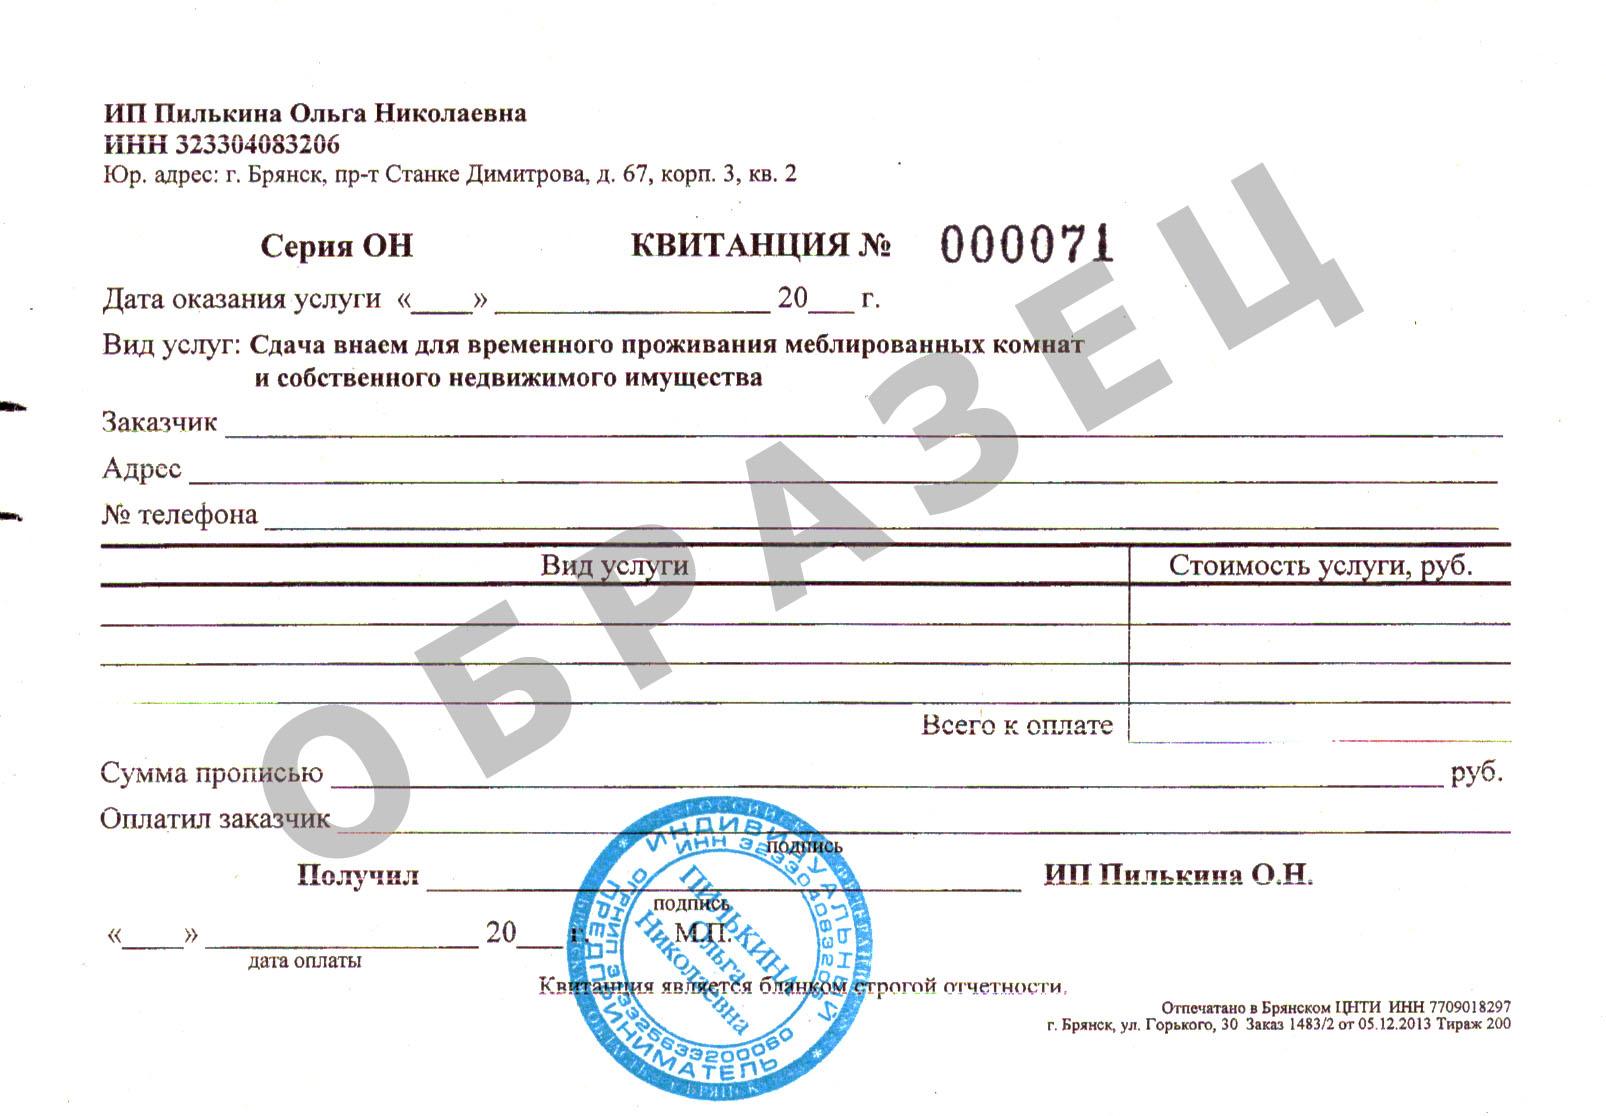 Гостиница документы для командировочных услуги гостиницы подтверждение оплаты наличными утерян чек